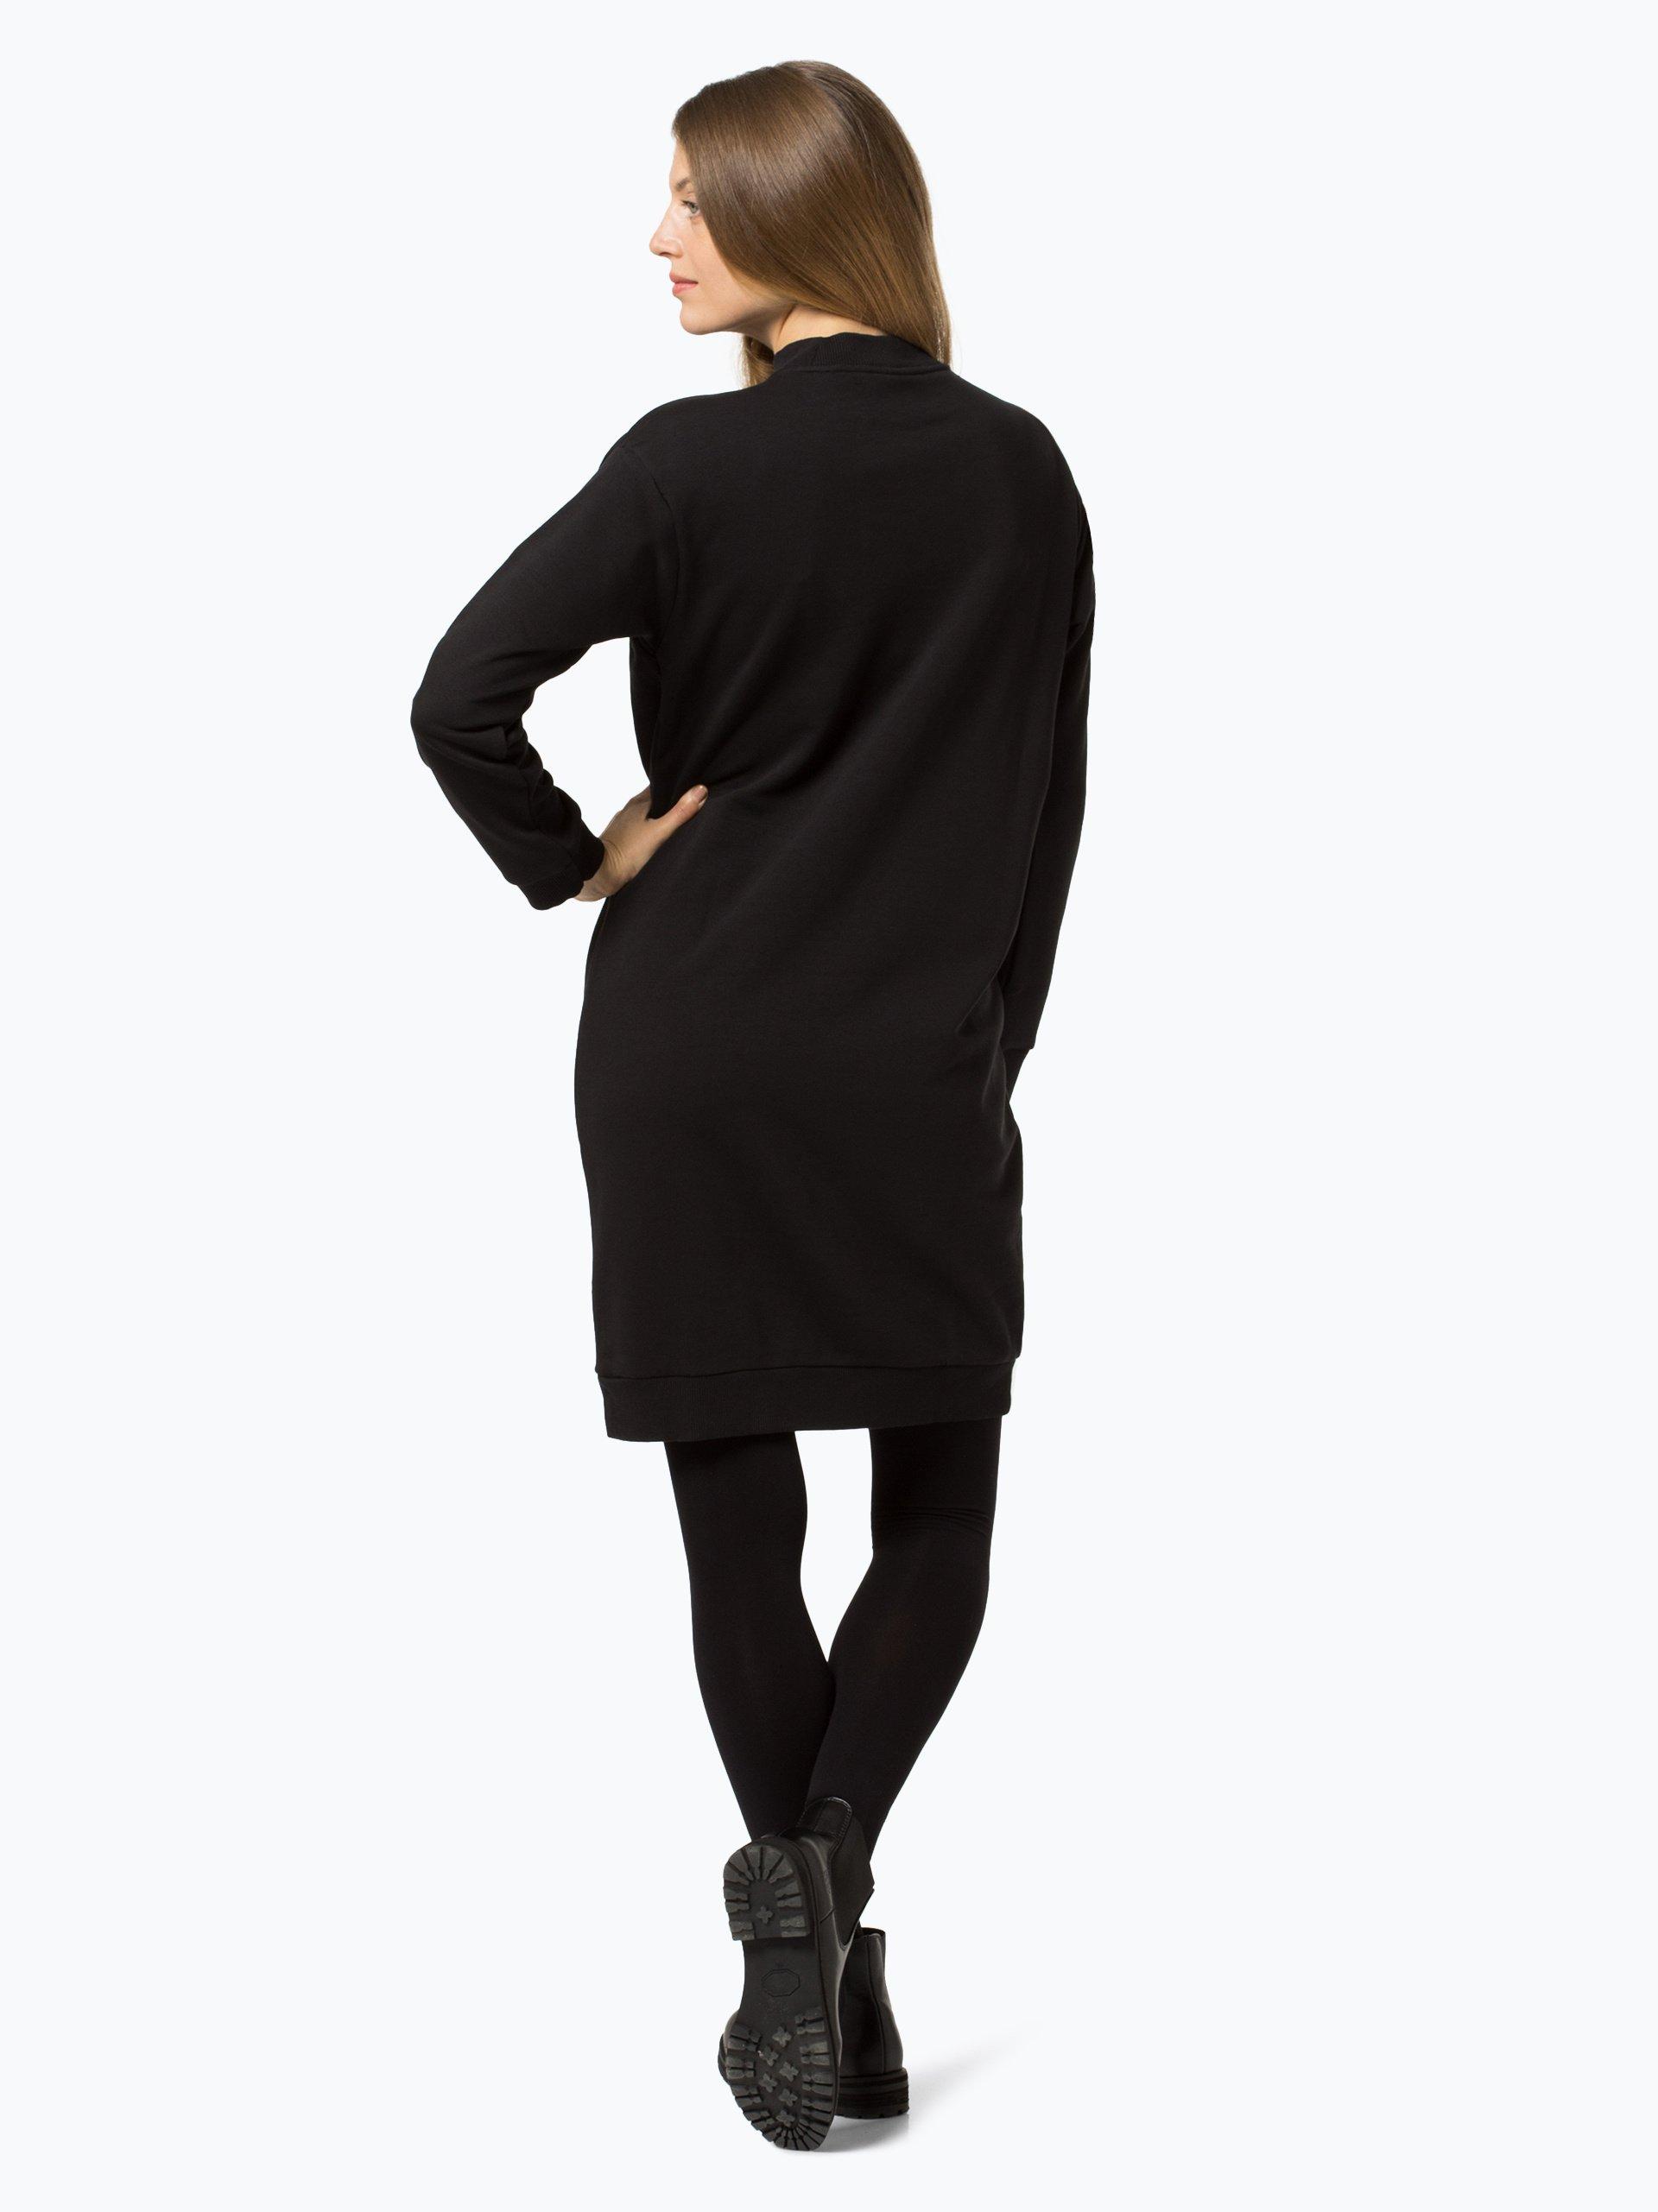 adidas originals damen kleid schwarz uni online kaufen peek und cloppenburg de. Black Bedroom Furniture Sets. Home Design Ideas